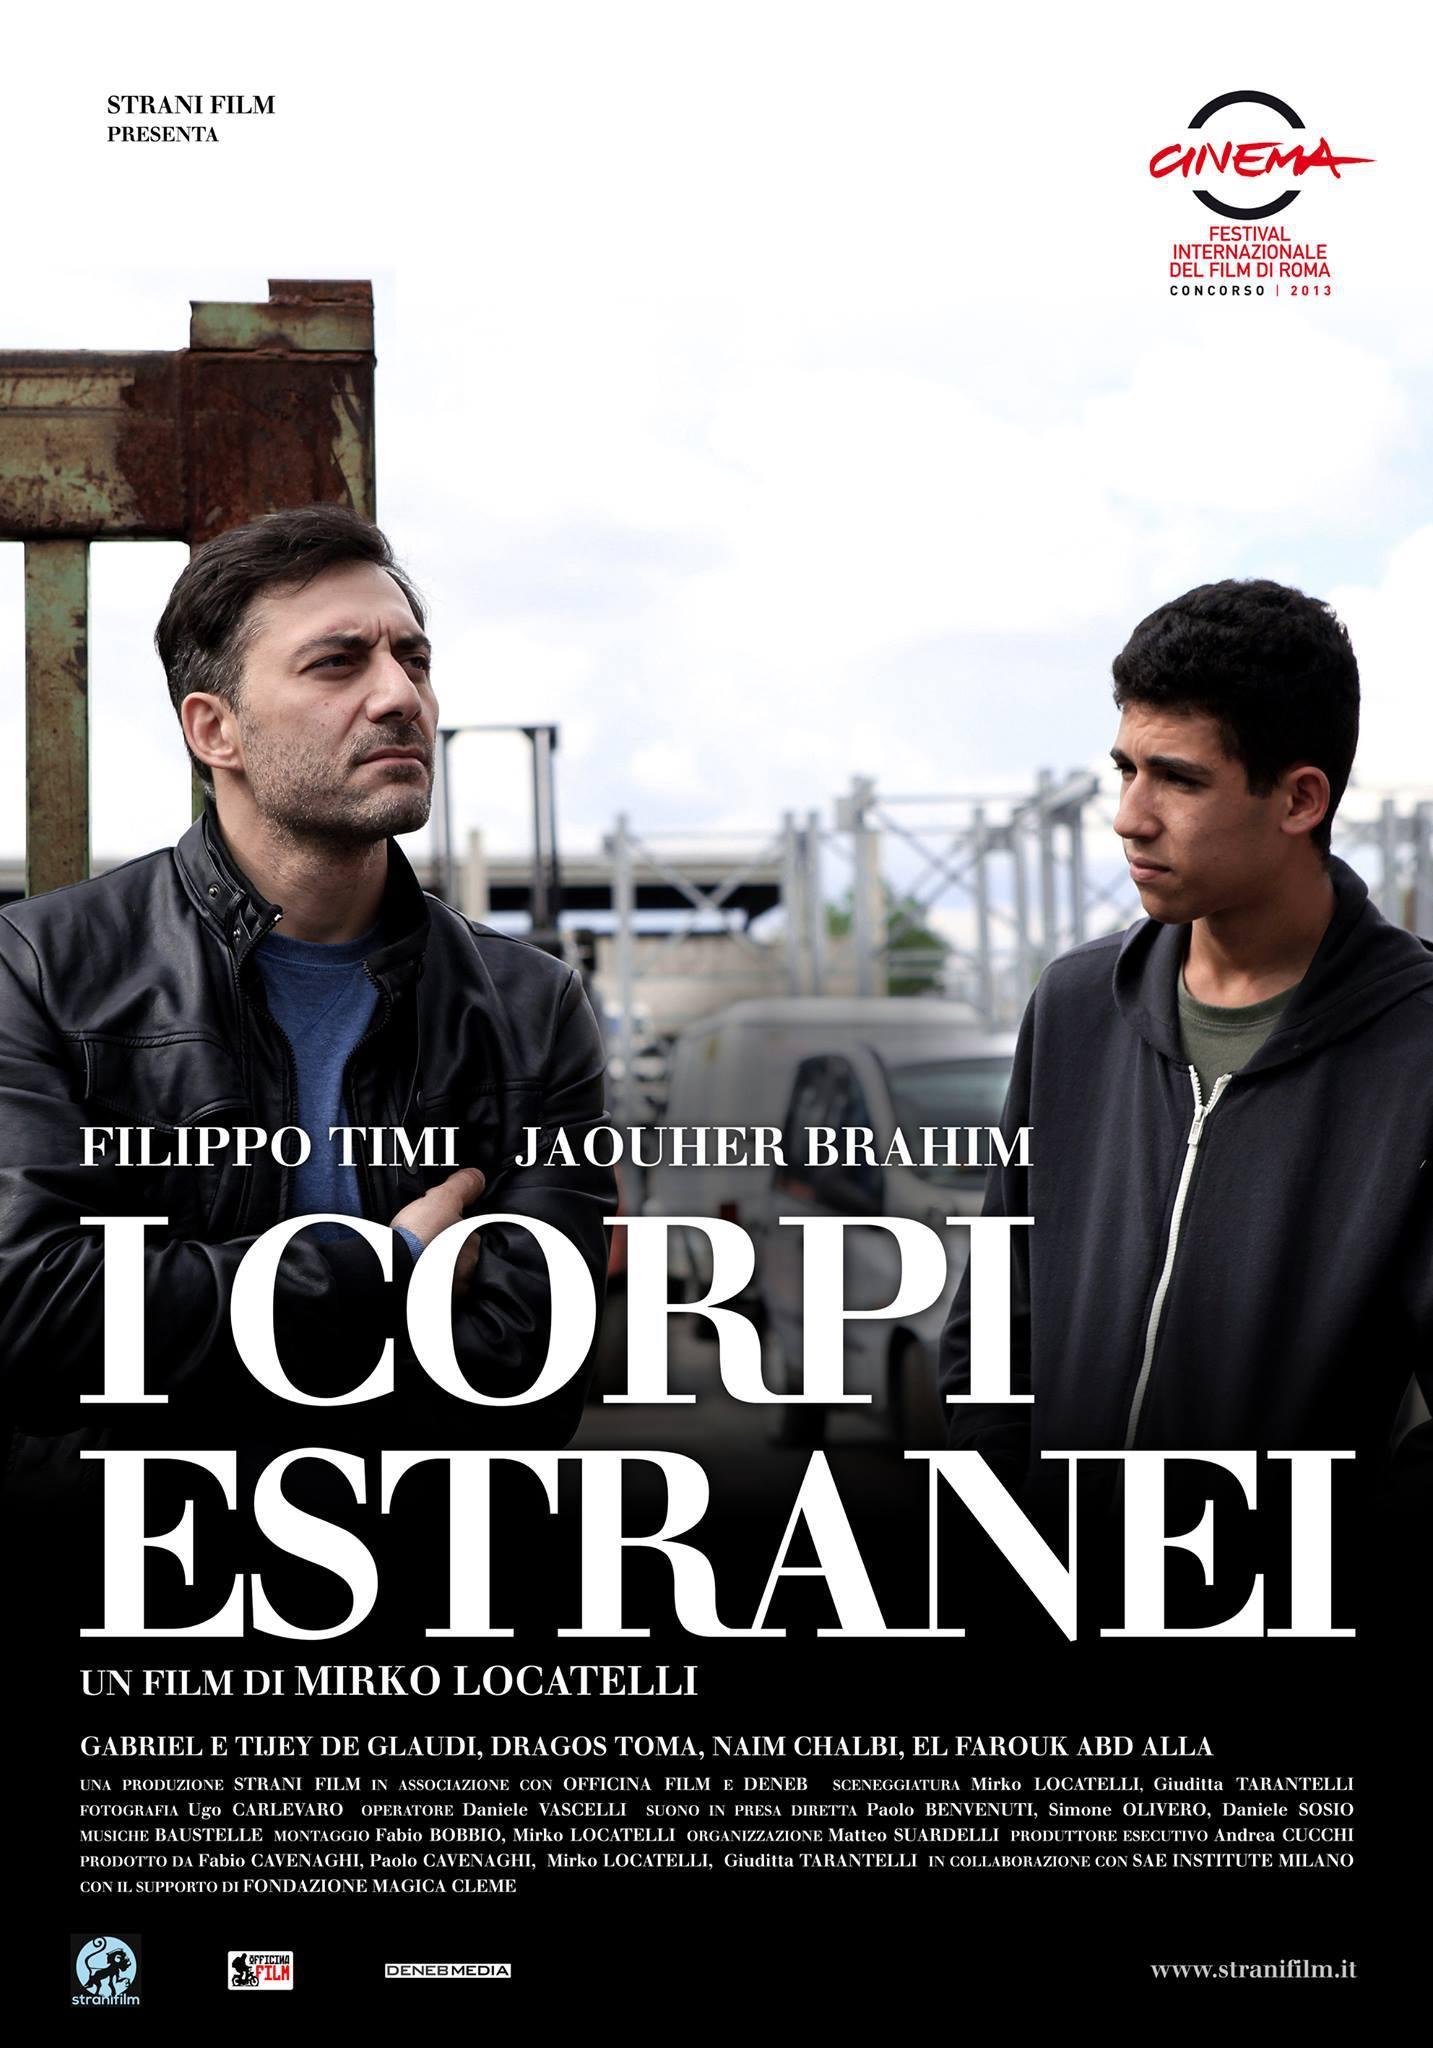 I_Corpi_estranei